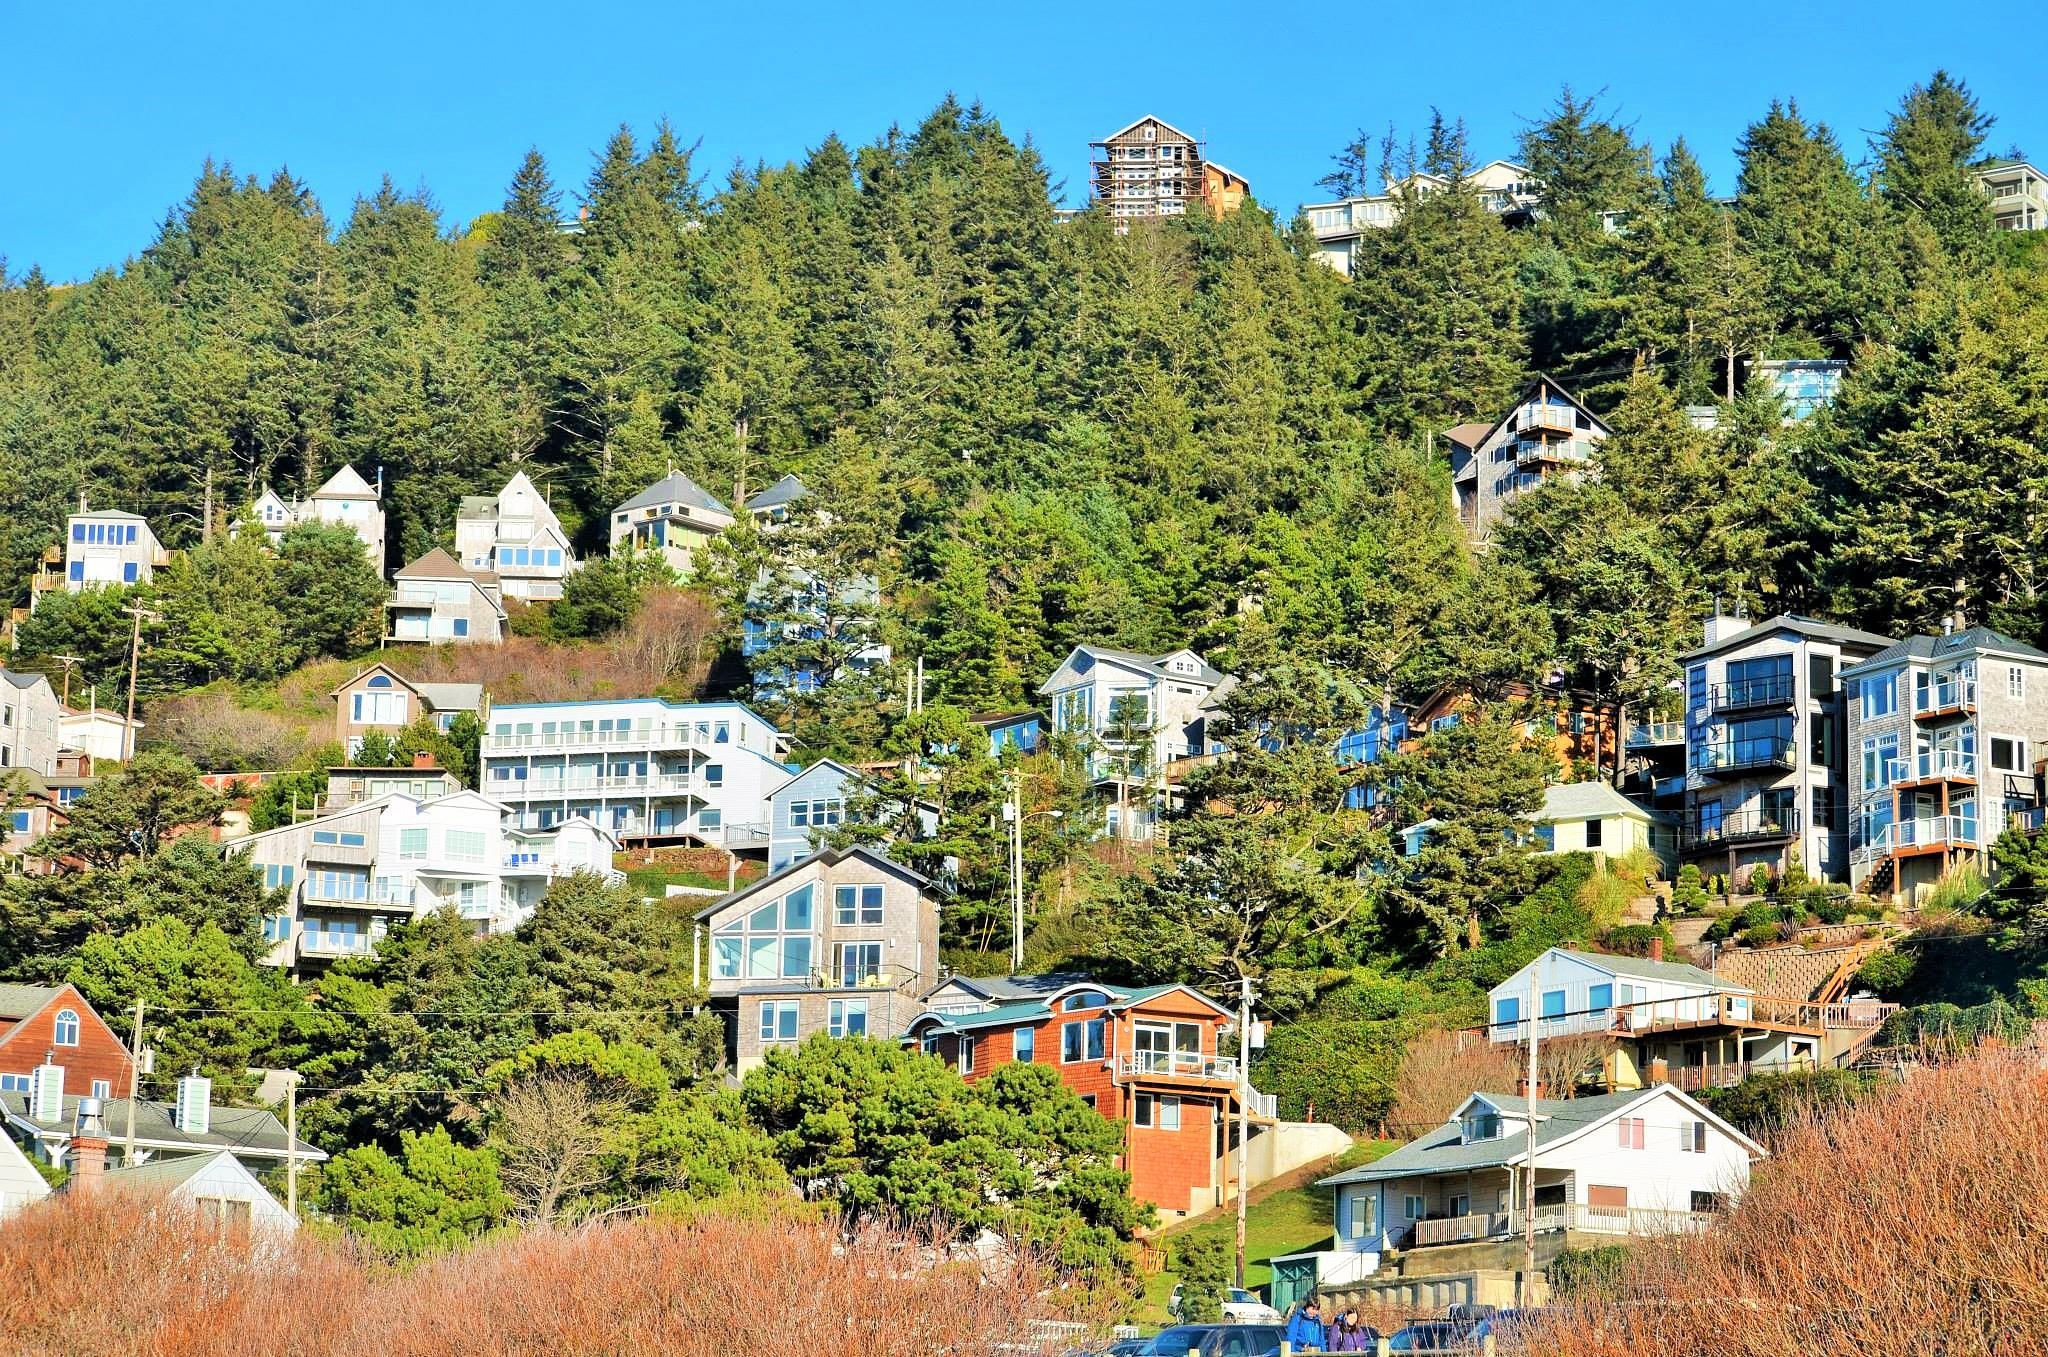 Oceanside Oregon by Boonietunes